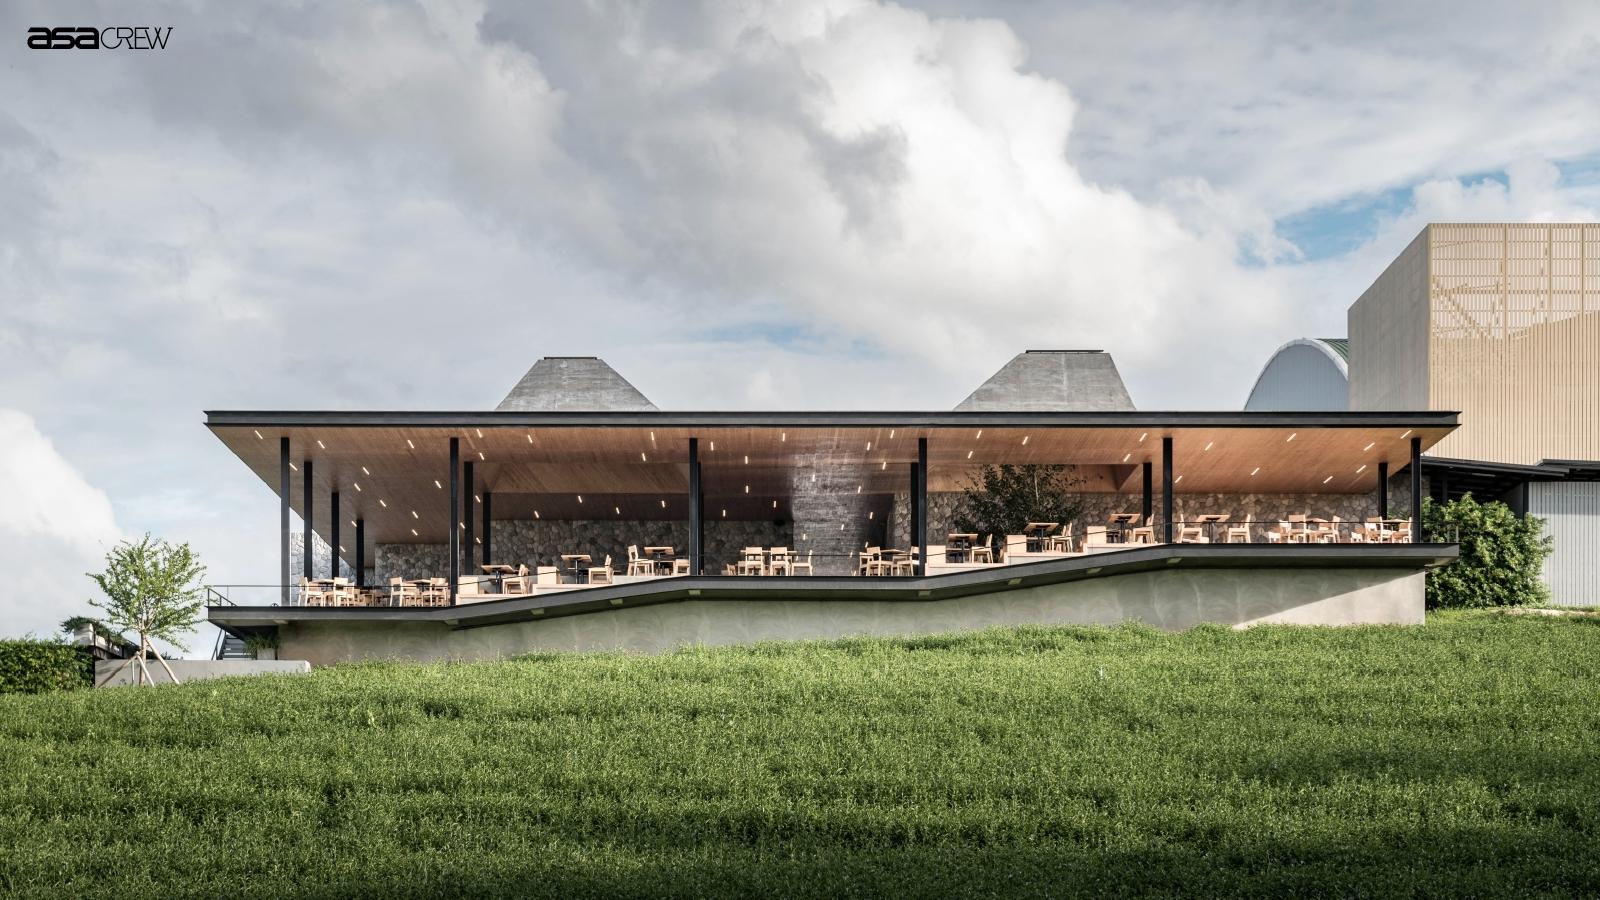 Chouifong Tea Cafe Phase II เมื่อแสงอาทิตย์ถูกสถาปนิกจับลงมาใช้ประโยชน์และสร้างอารมณ์ความรู้สึกในงานออกแบบ